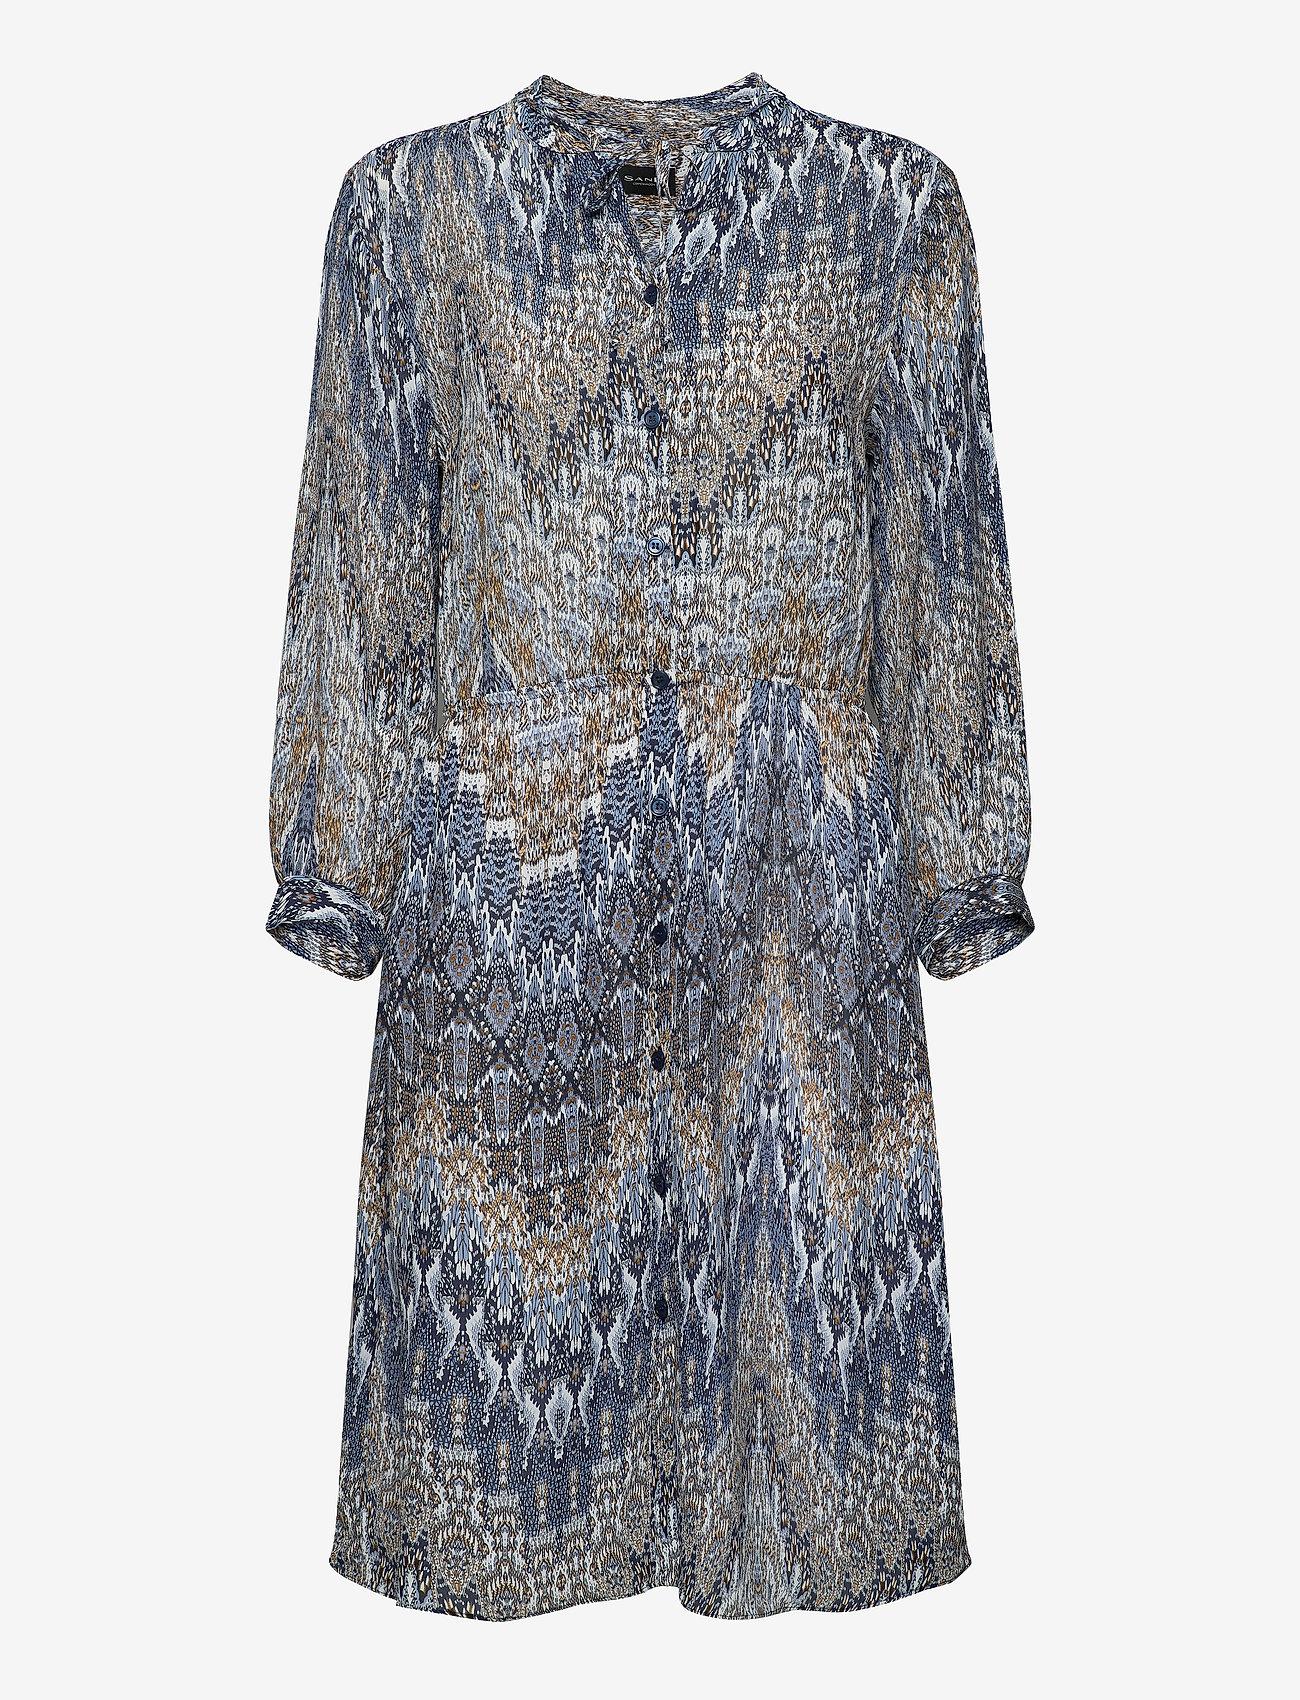 SAND - 3392 - Arlet - robes chemises - blue - 0